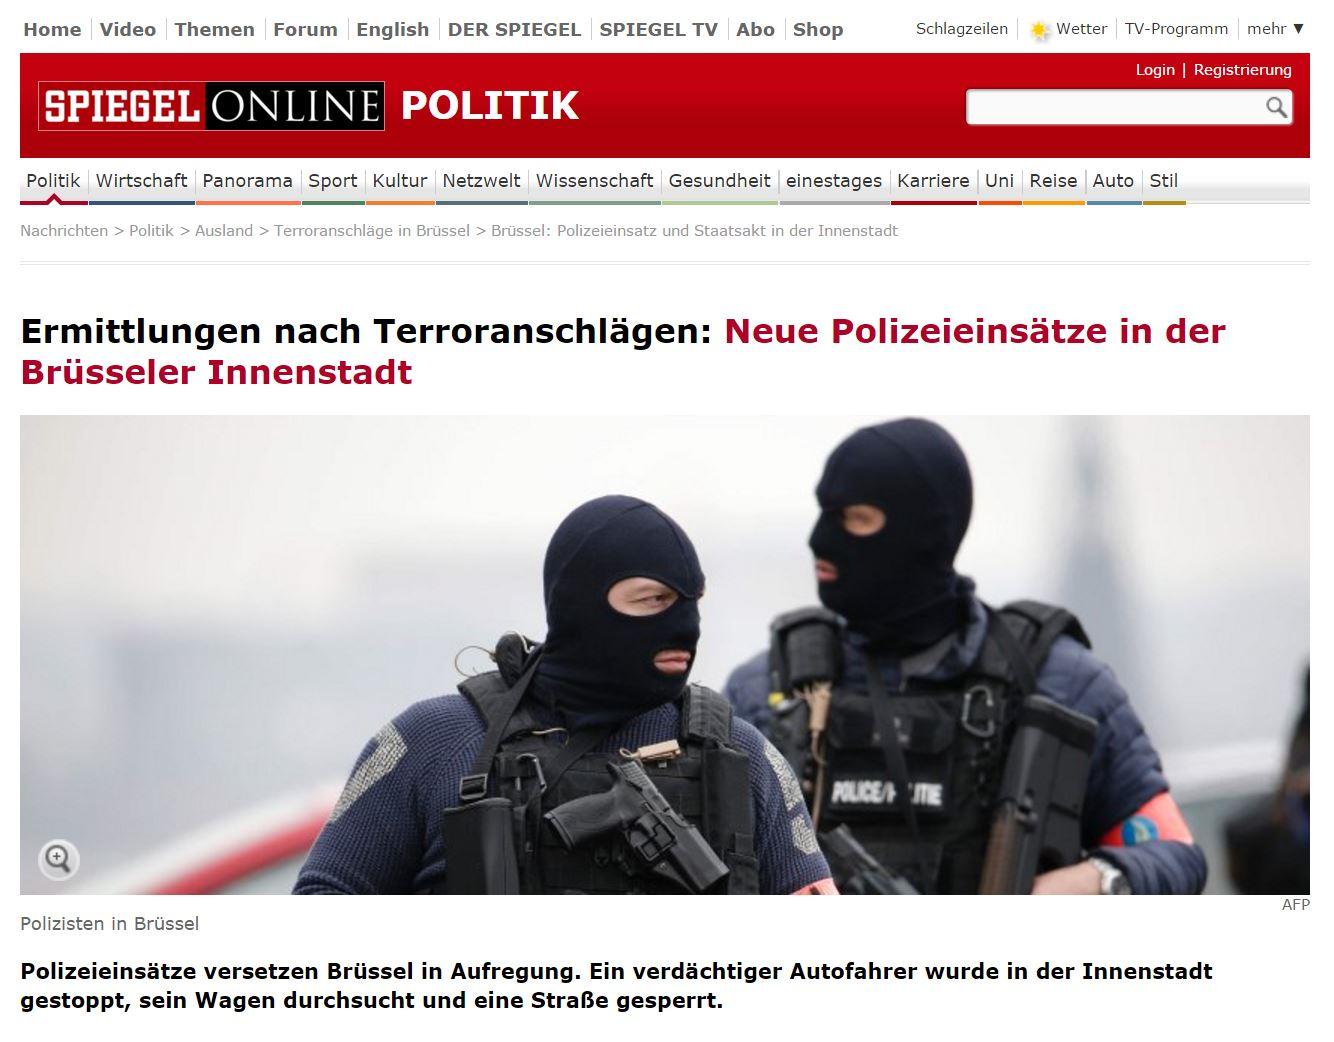 Neue Polizeieinsätze in der Brüsseler Innenstadt